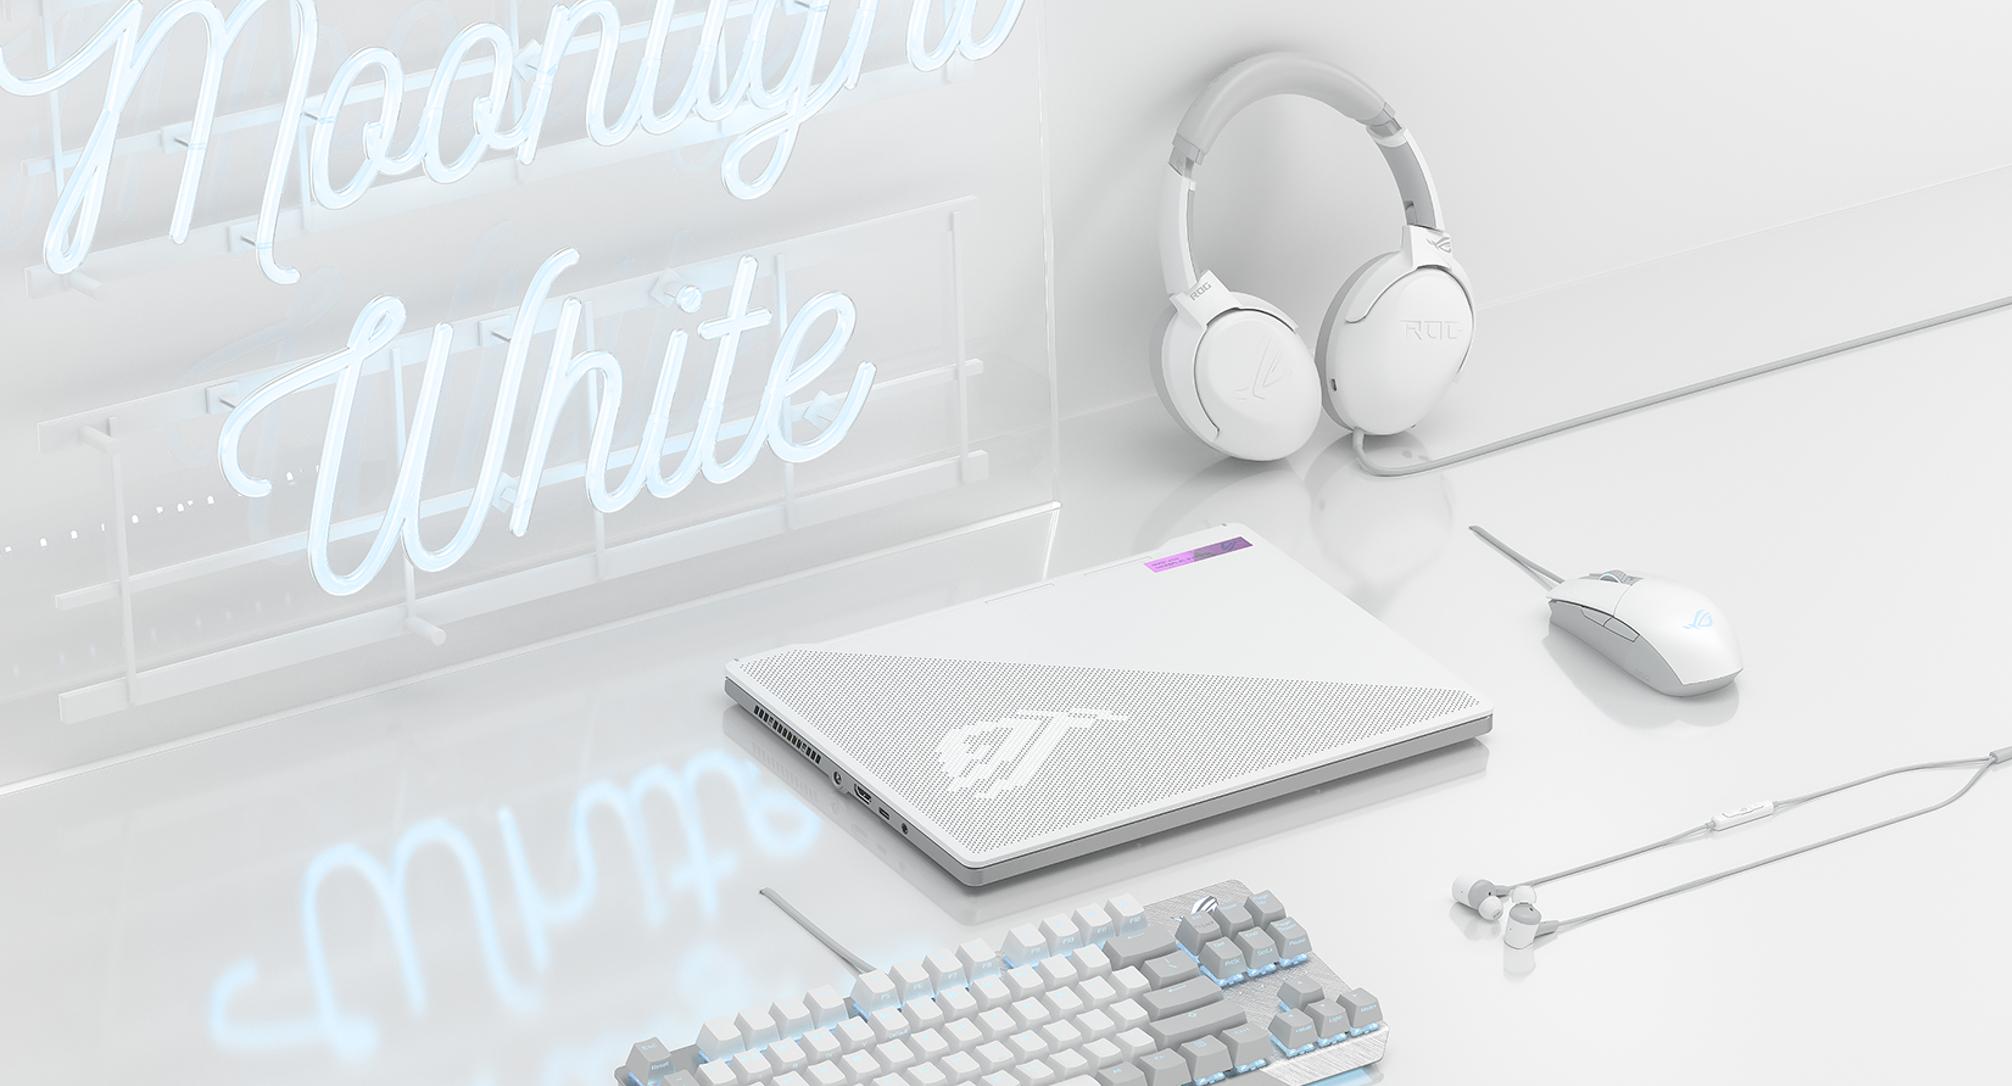 ASUS Republic of Gamers anuncia nuevos periféricos para juegos Moonlight White